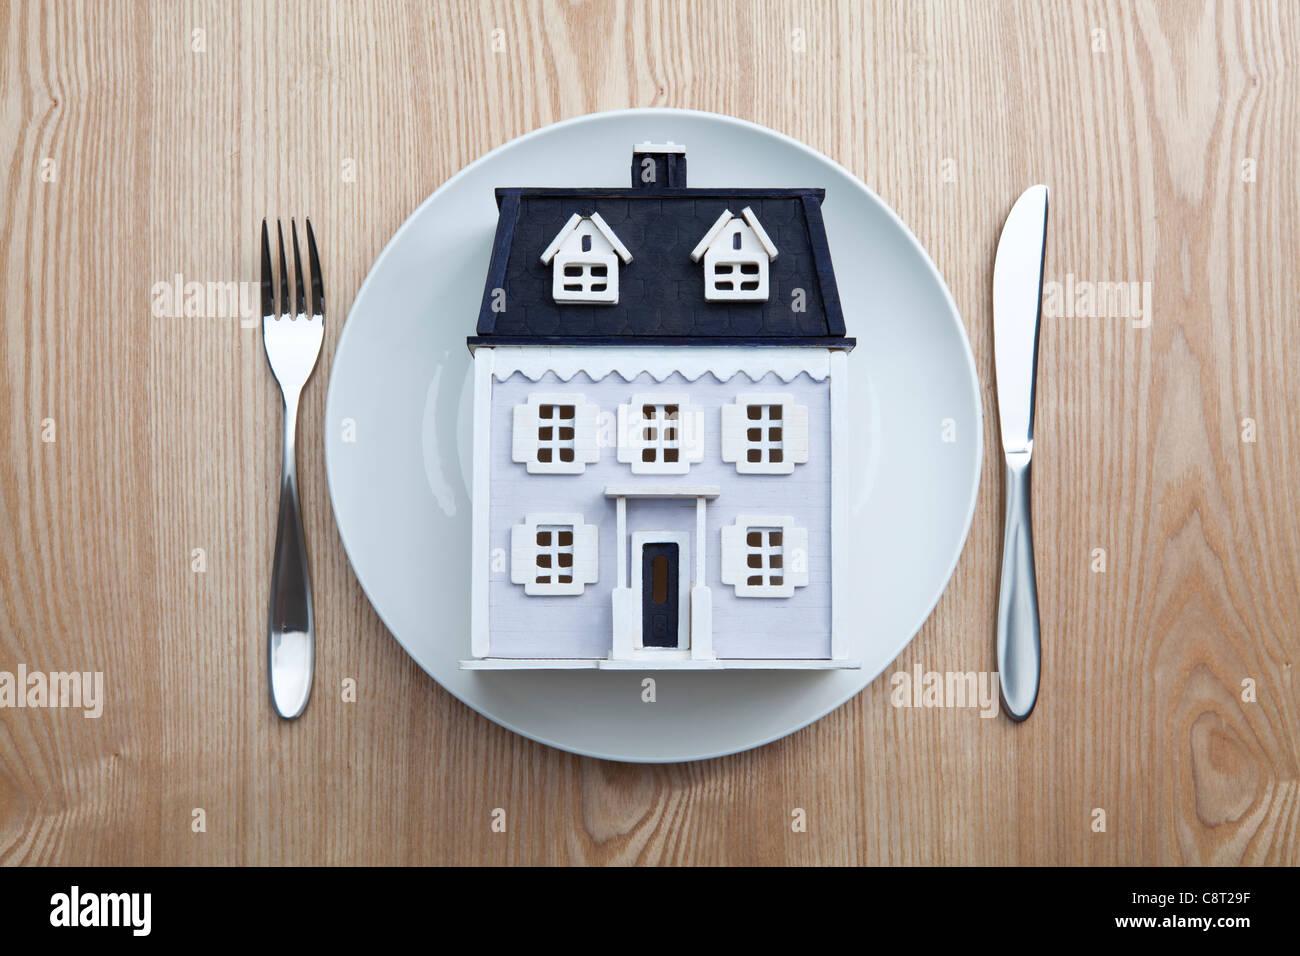 Vista superior de la casa modelo colocado en la placa con for Tenedor y cuchillo en la mesa